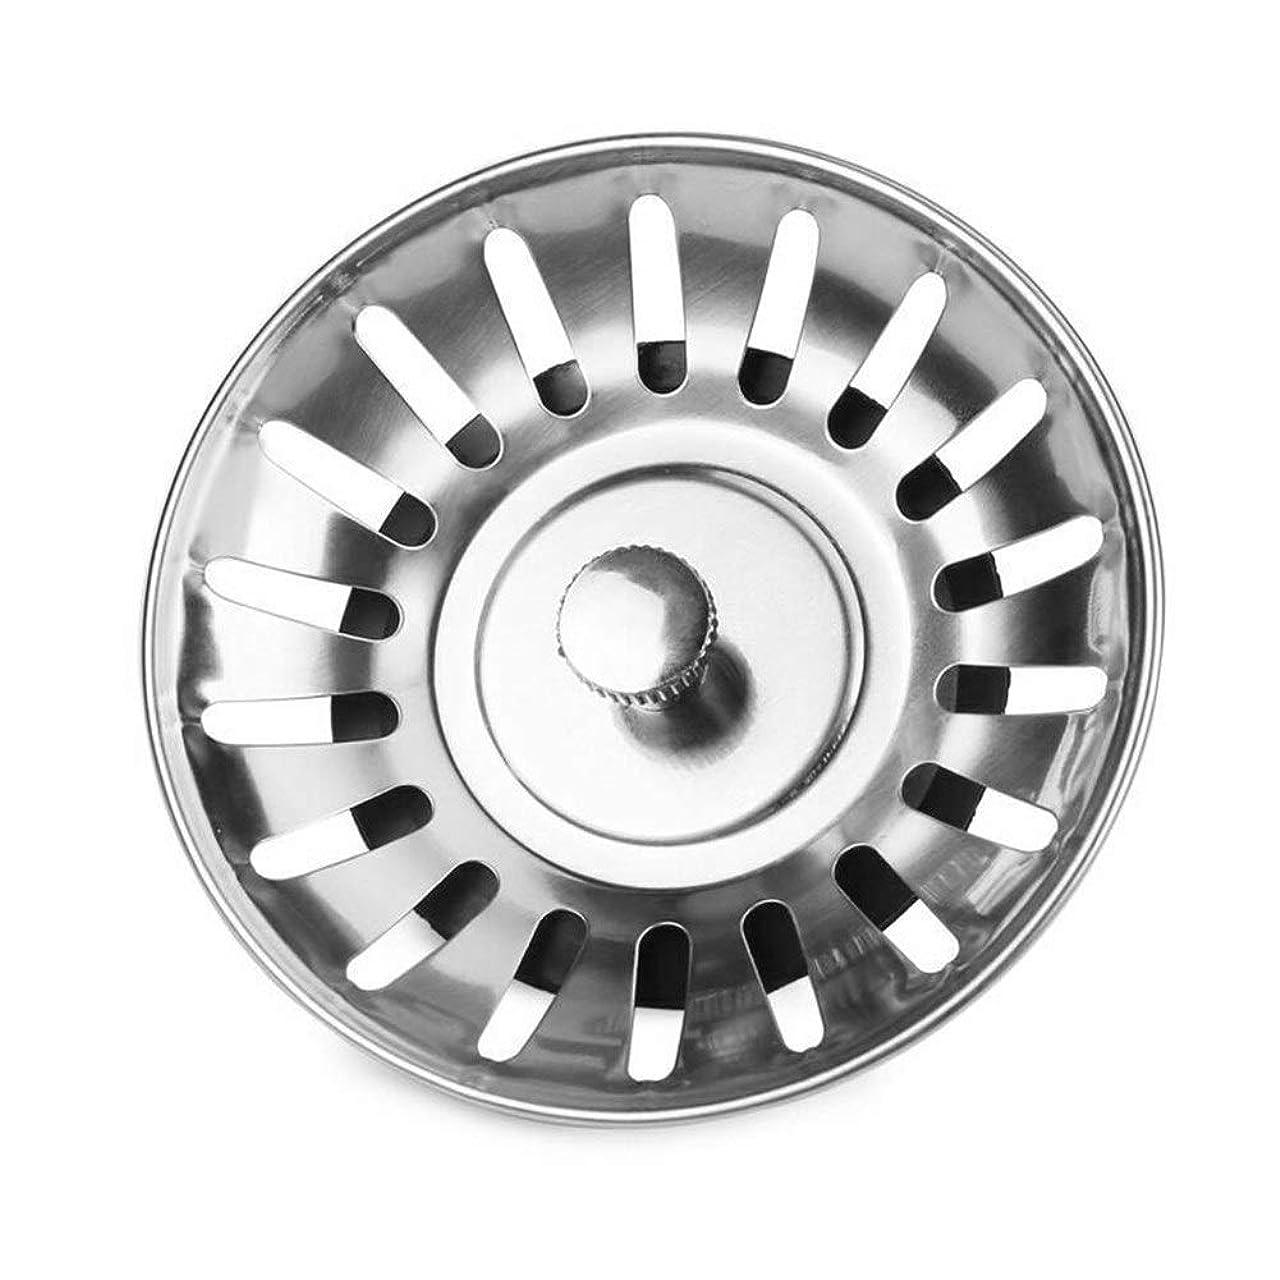 マーチャンダイザー才能のある器用ステンレス鋼のバスタブヘアキャッチャーストッパーシャワードレン穴フィルターキッチンバスルームトイレ廃棄物プラグシンクフィルターStraier (Color : Chrome)